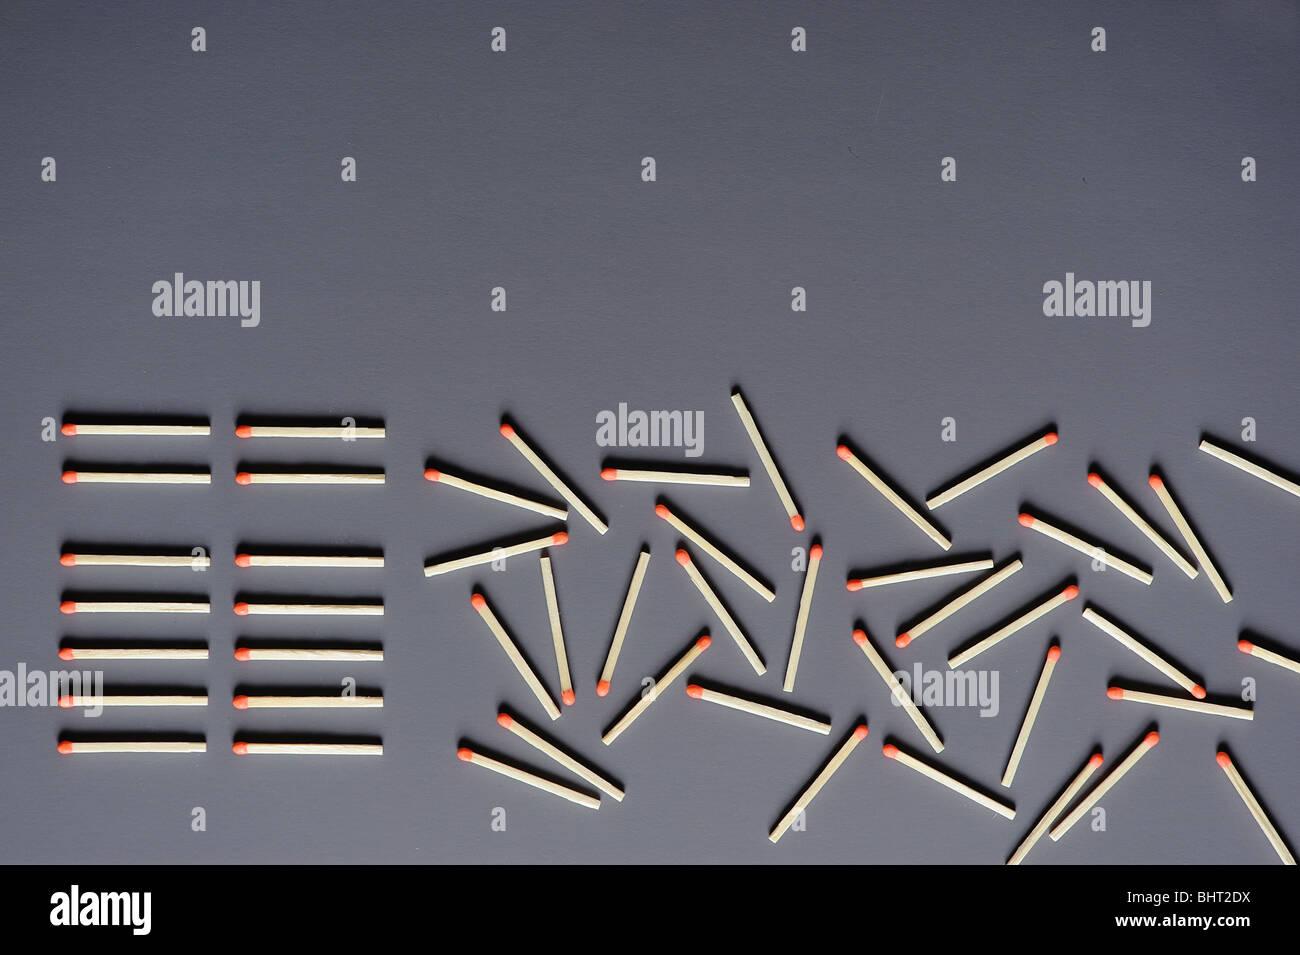 Coincidencias alineadas y dispersas en una superficie Imagen De Stock